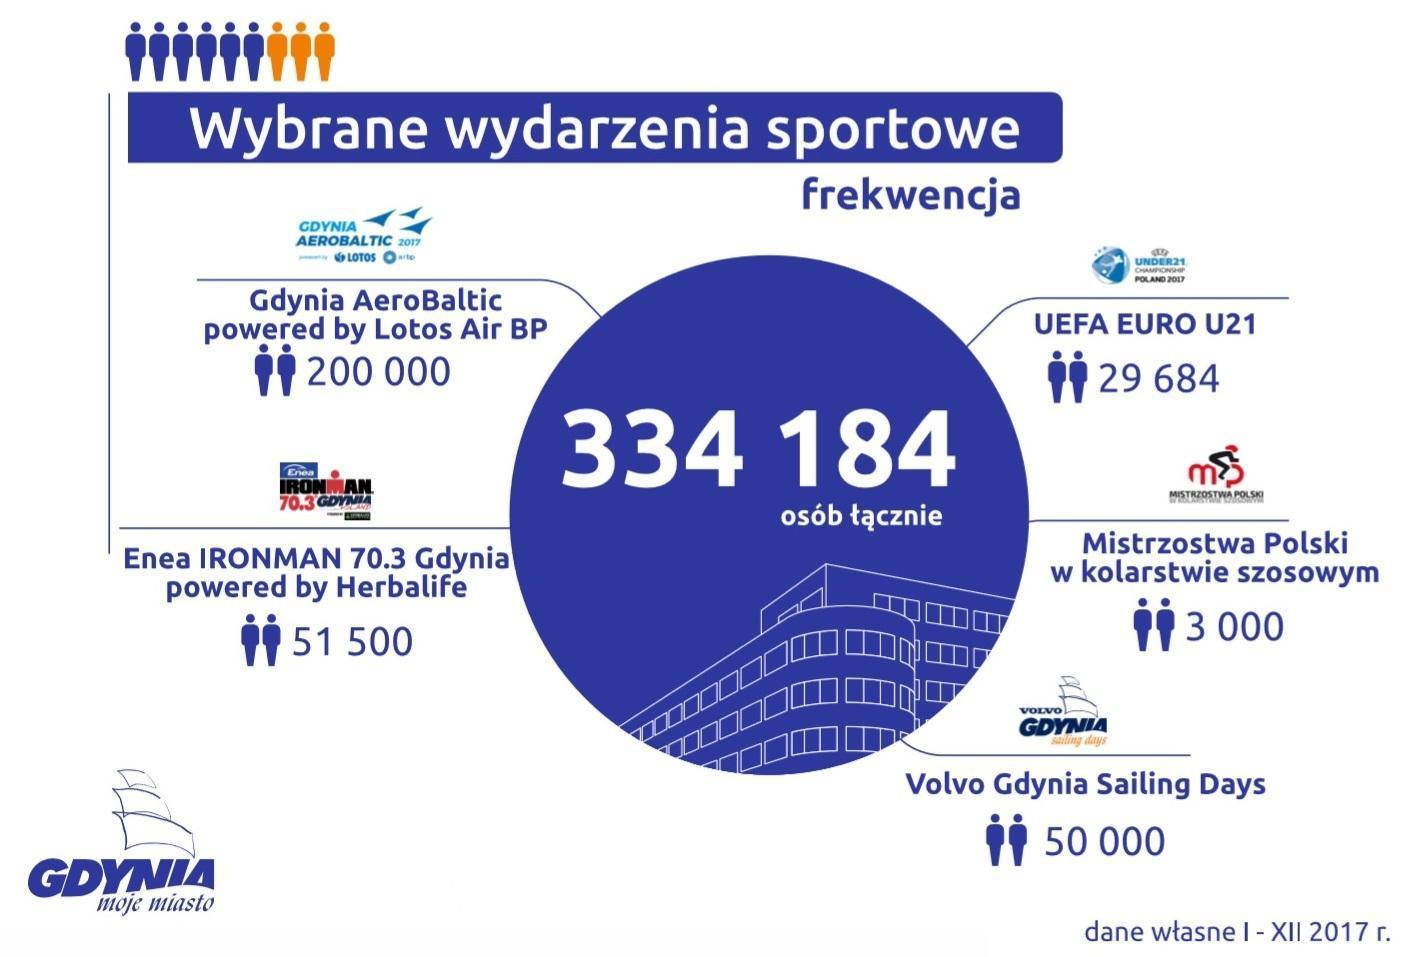 Statystyki dot. wydarzeń sportowych w 2017 roku, dane własne UM